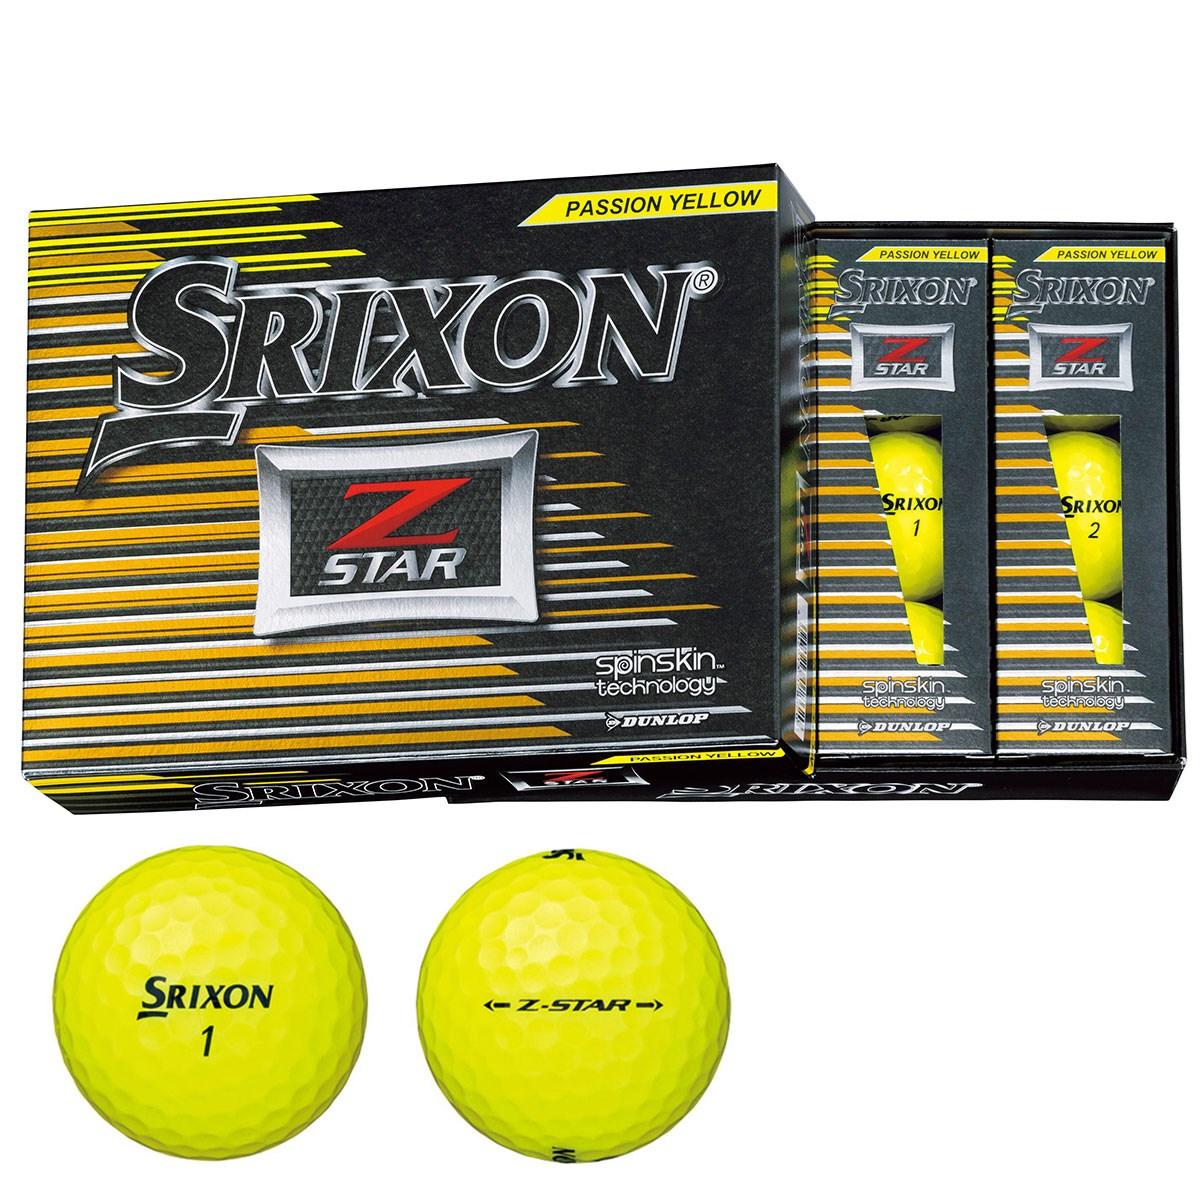 ダンロップ SRIXON Z-STAR ボール 1ダース(12個入り) プレミアムパッションイエロー